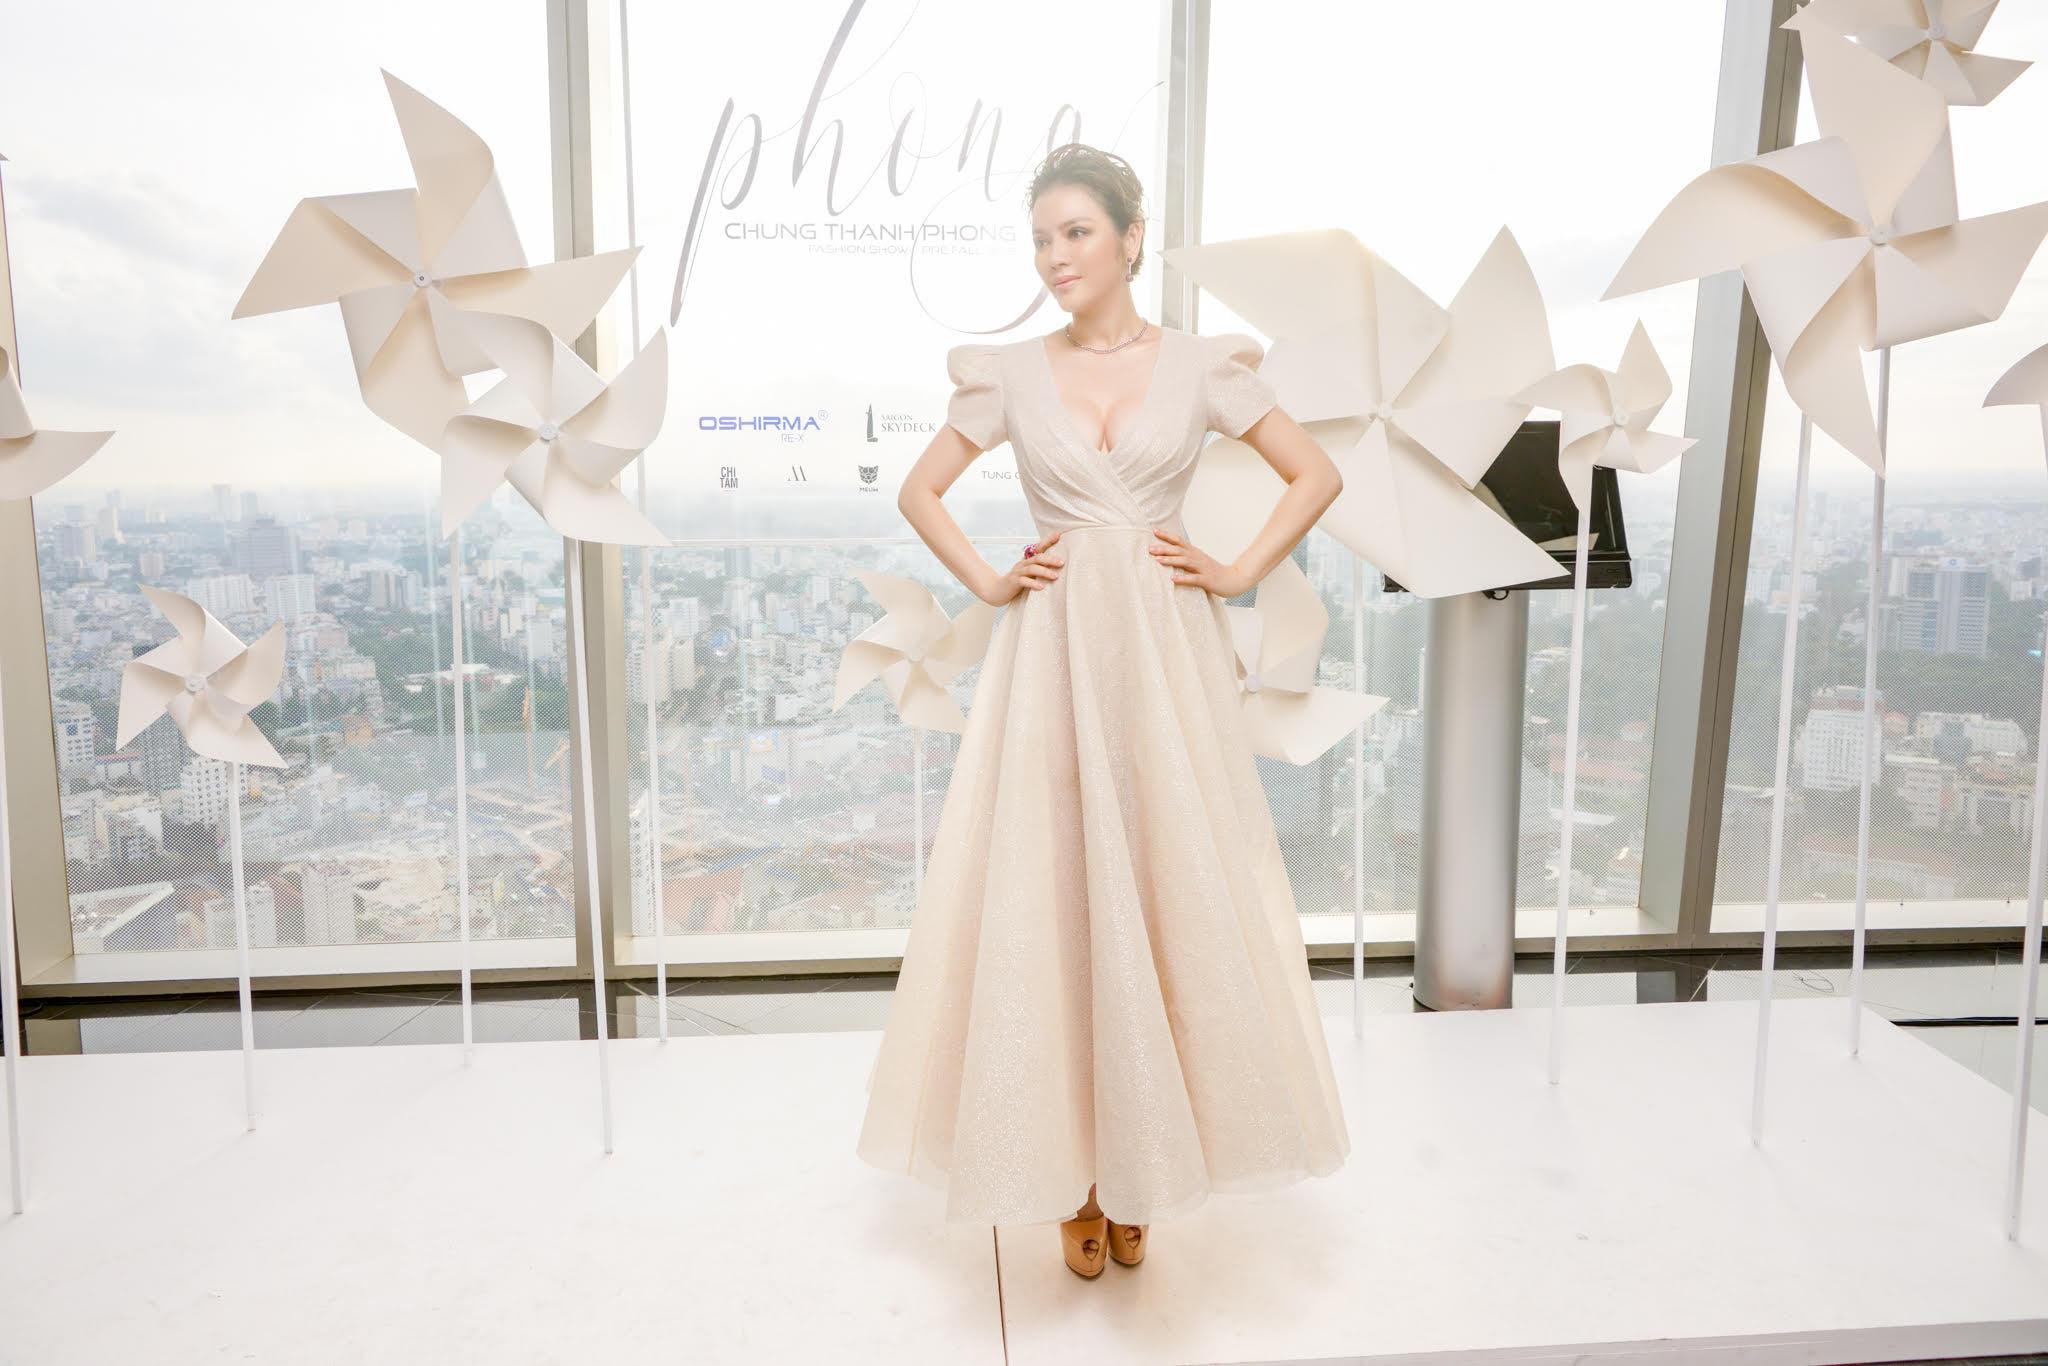 Lý Nhã Kỳ diện váy xẻ ngực quyến rũ dự show thời trang của NTK Chung Thanh Phong 3